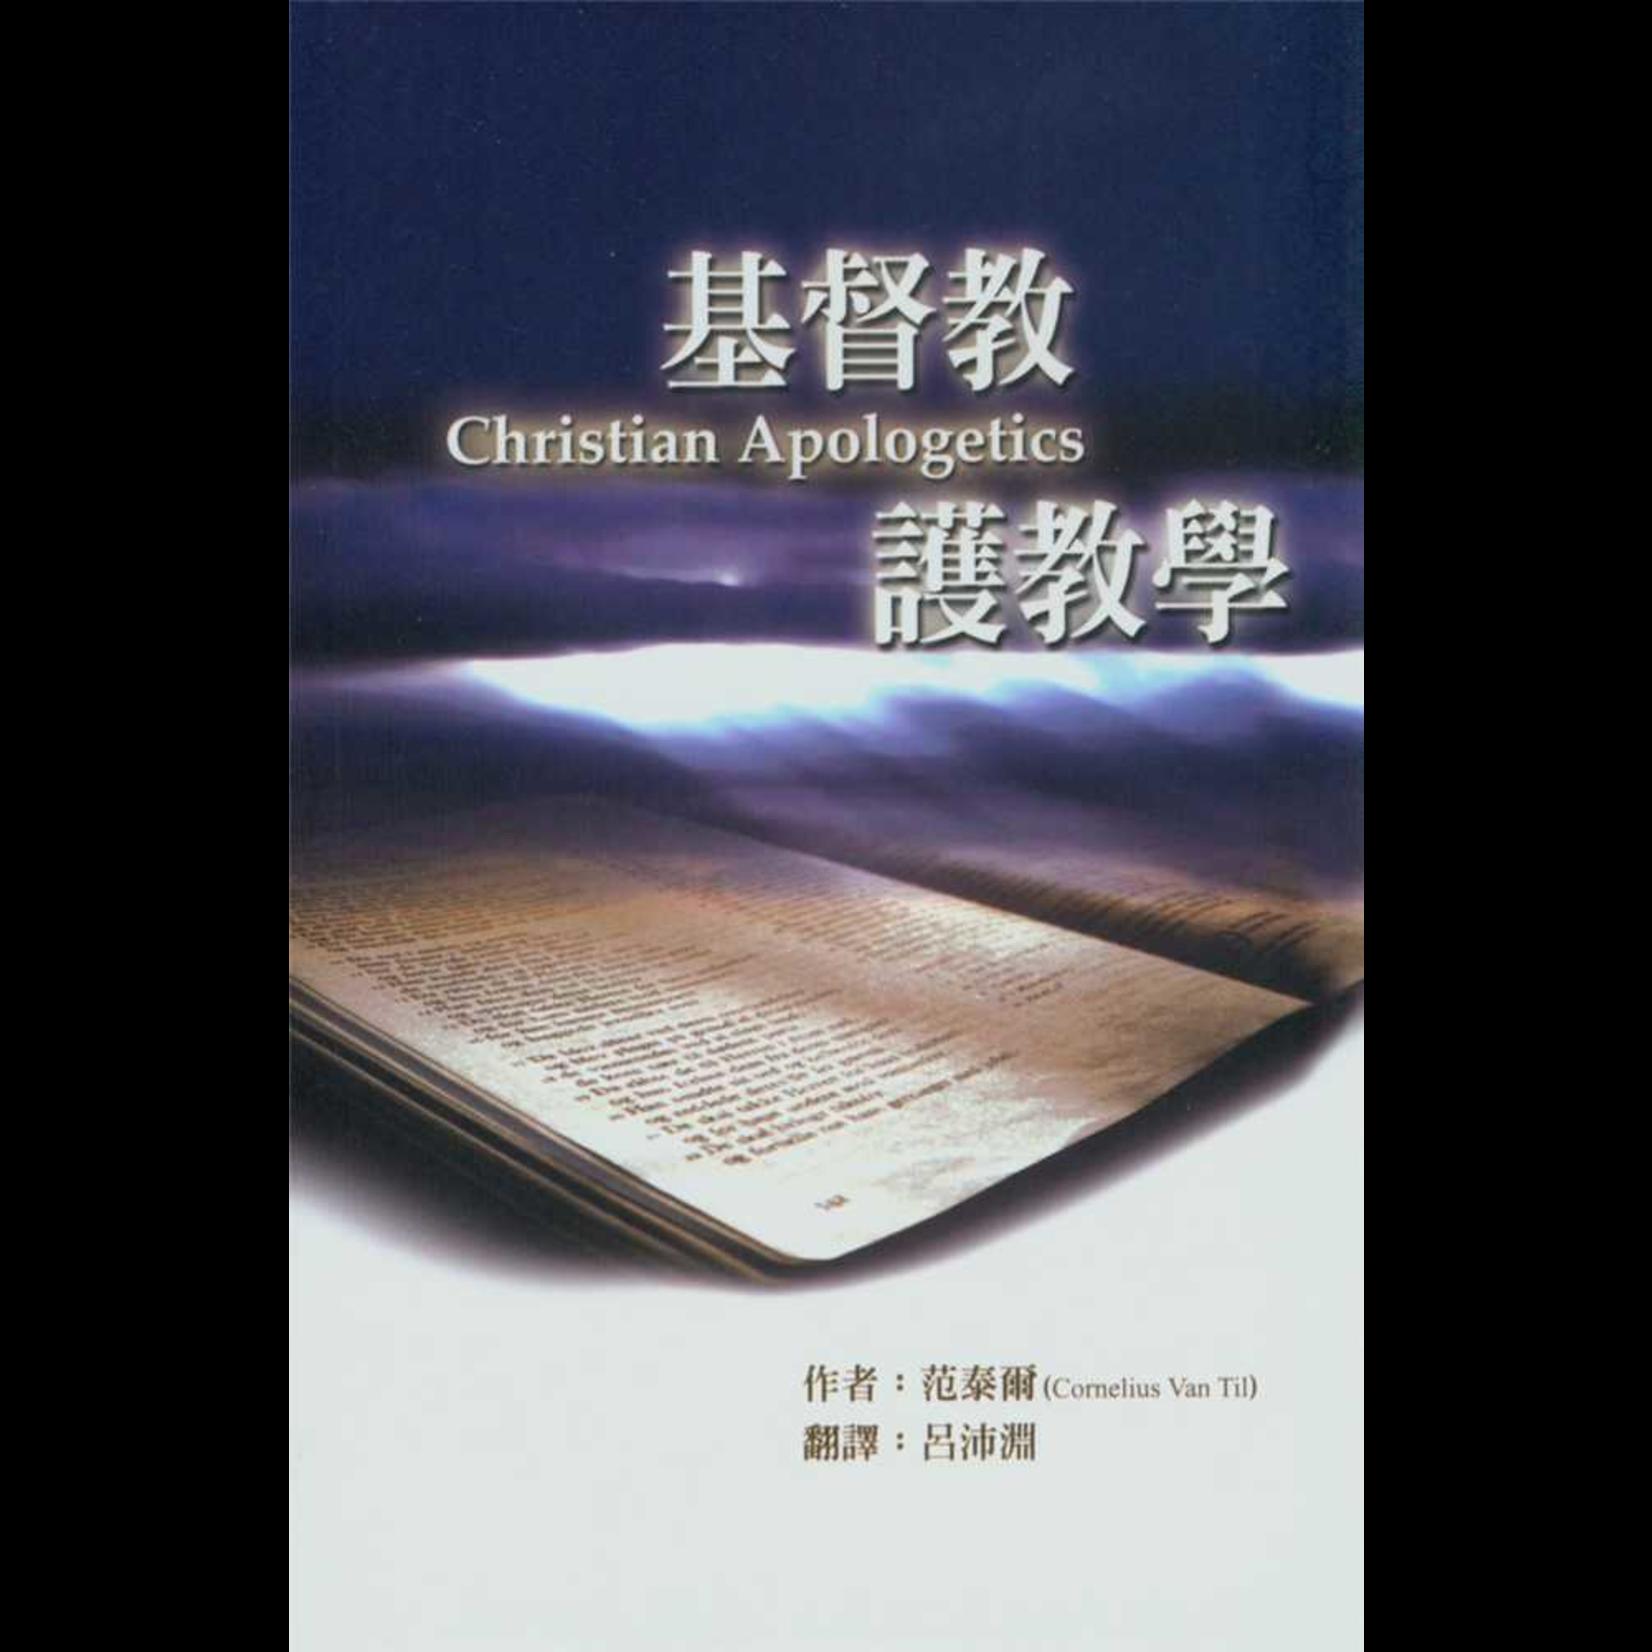 改革宗 Reformation Translation Fellowship Press 基督教護教學  Christian Apologetics